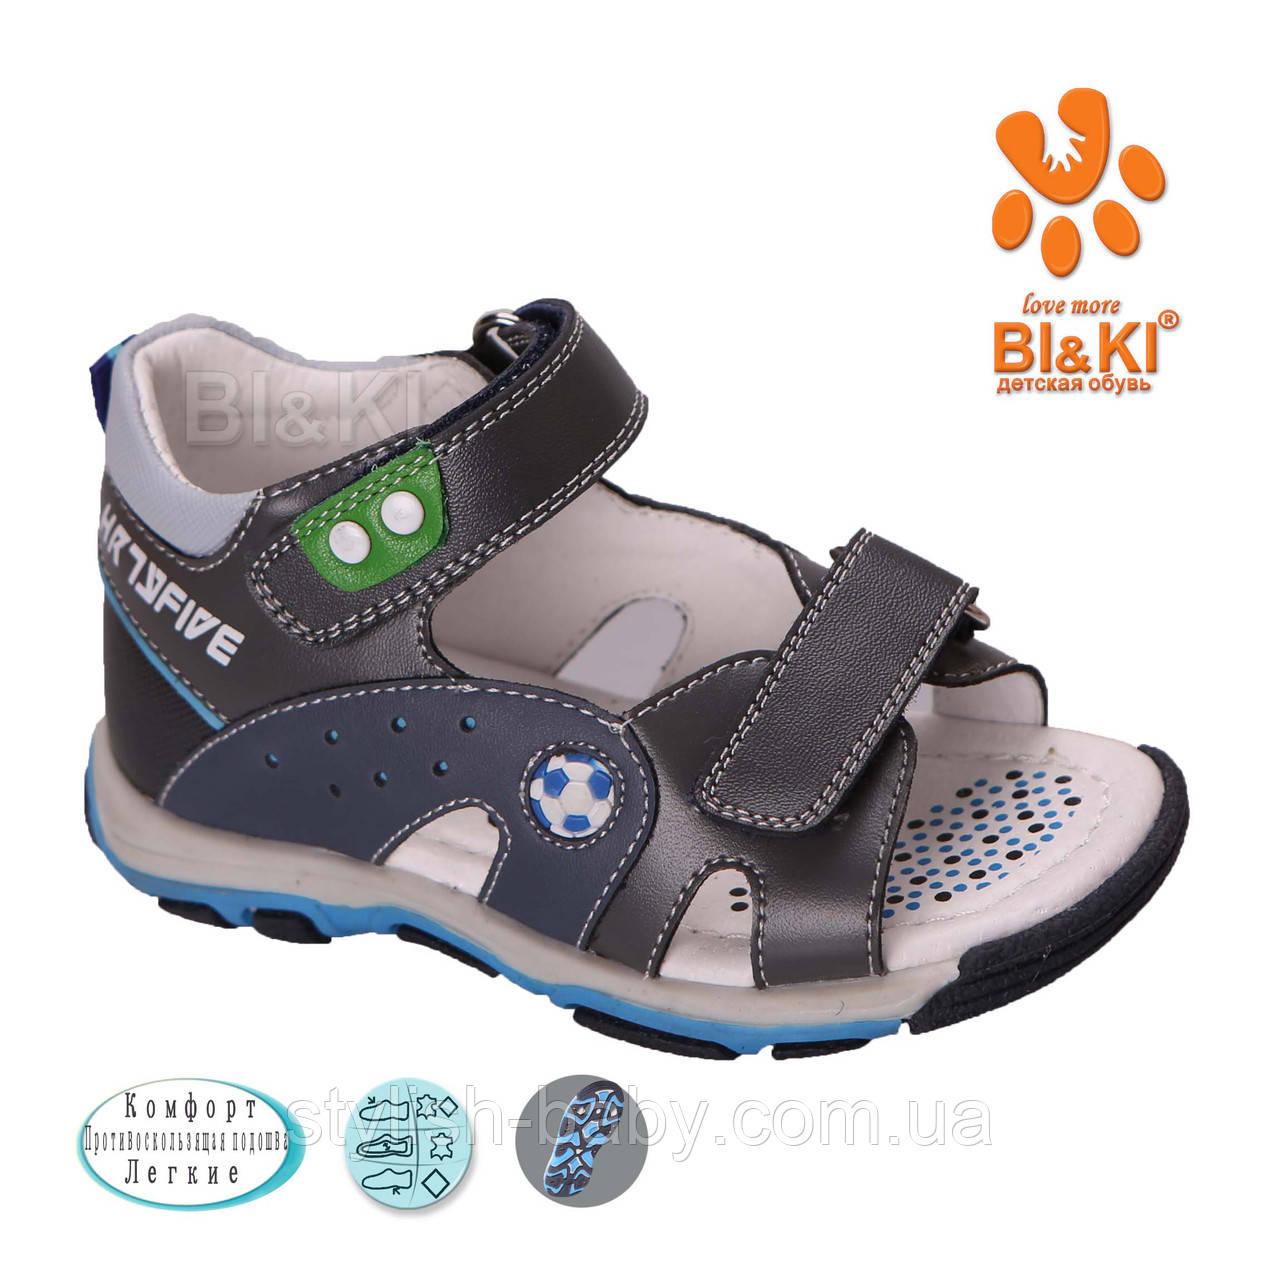 Детская летняя обувь оптом. Детские босоножки бренда Tom.m (Bi&Ki) для мальчиков (рр. с 21 по 26)